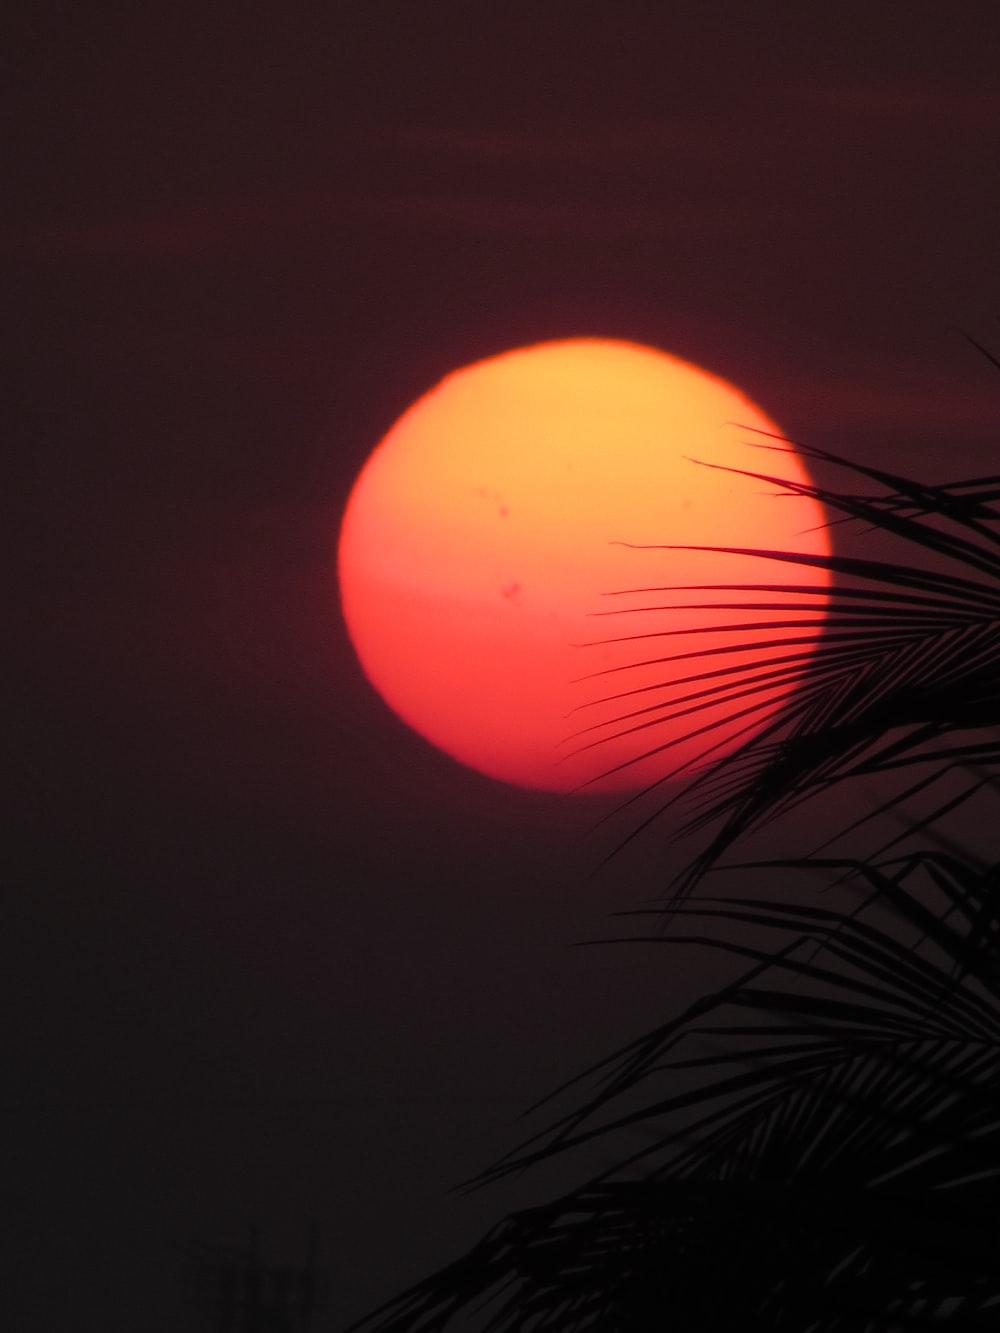 Photo Of Sun Photo Free Orange Image On Unsplash